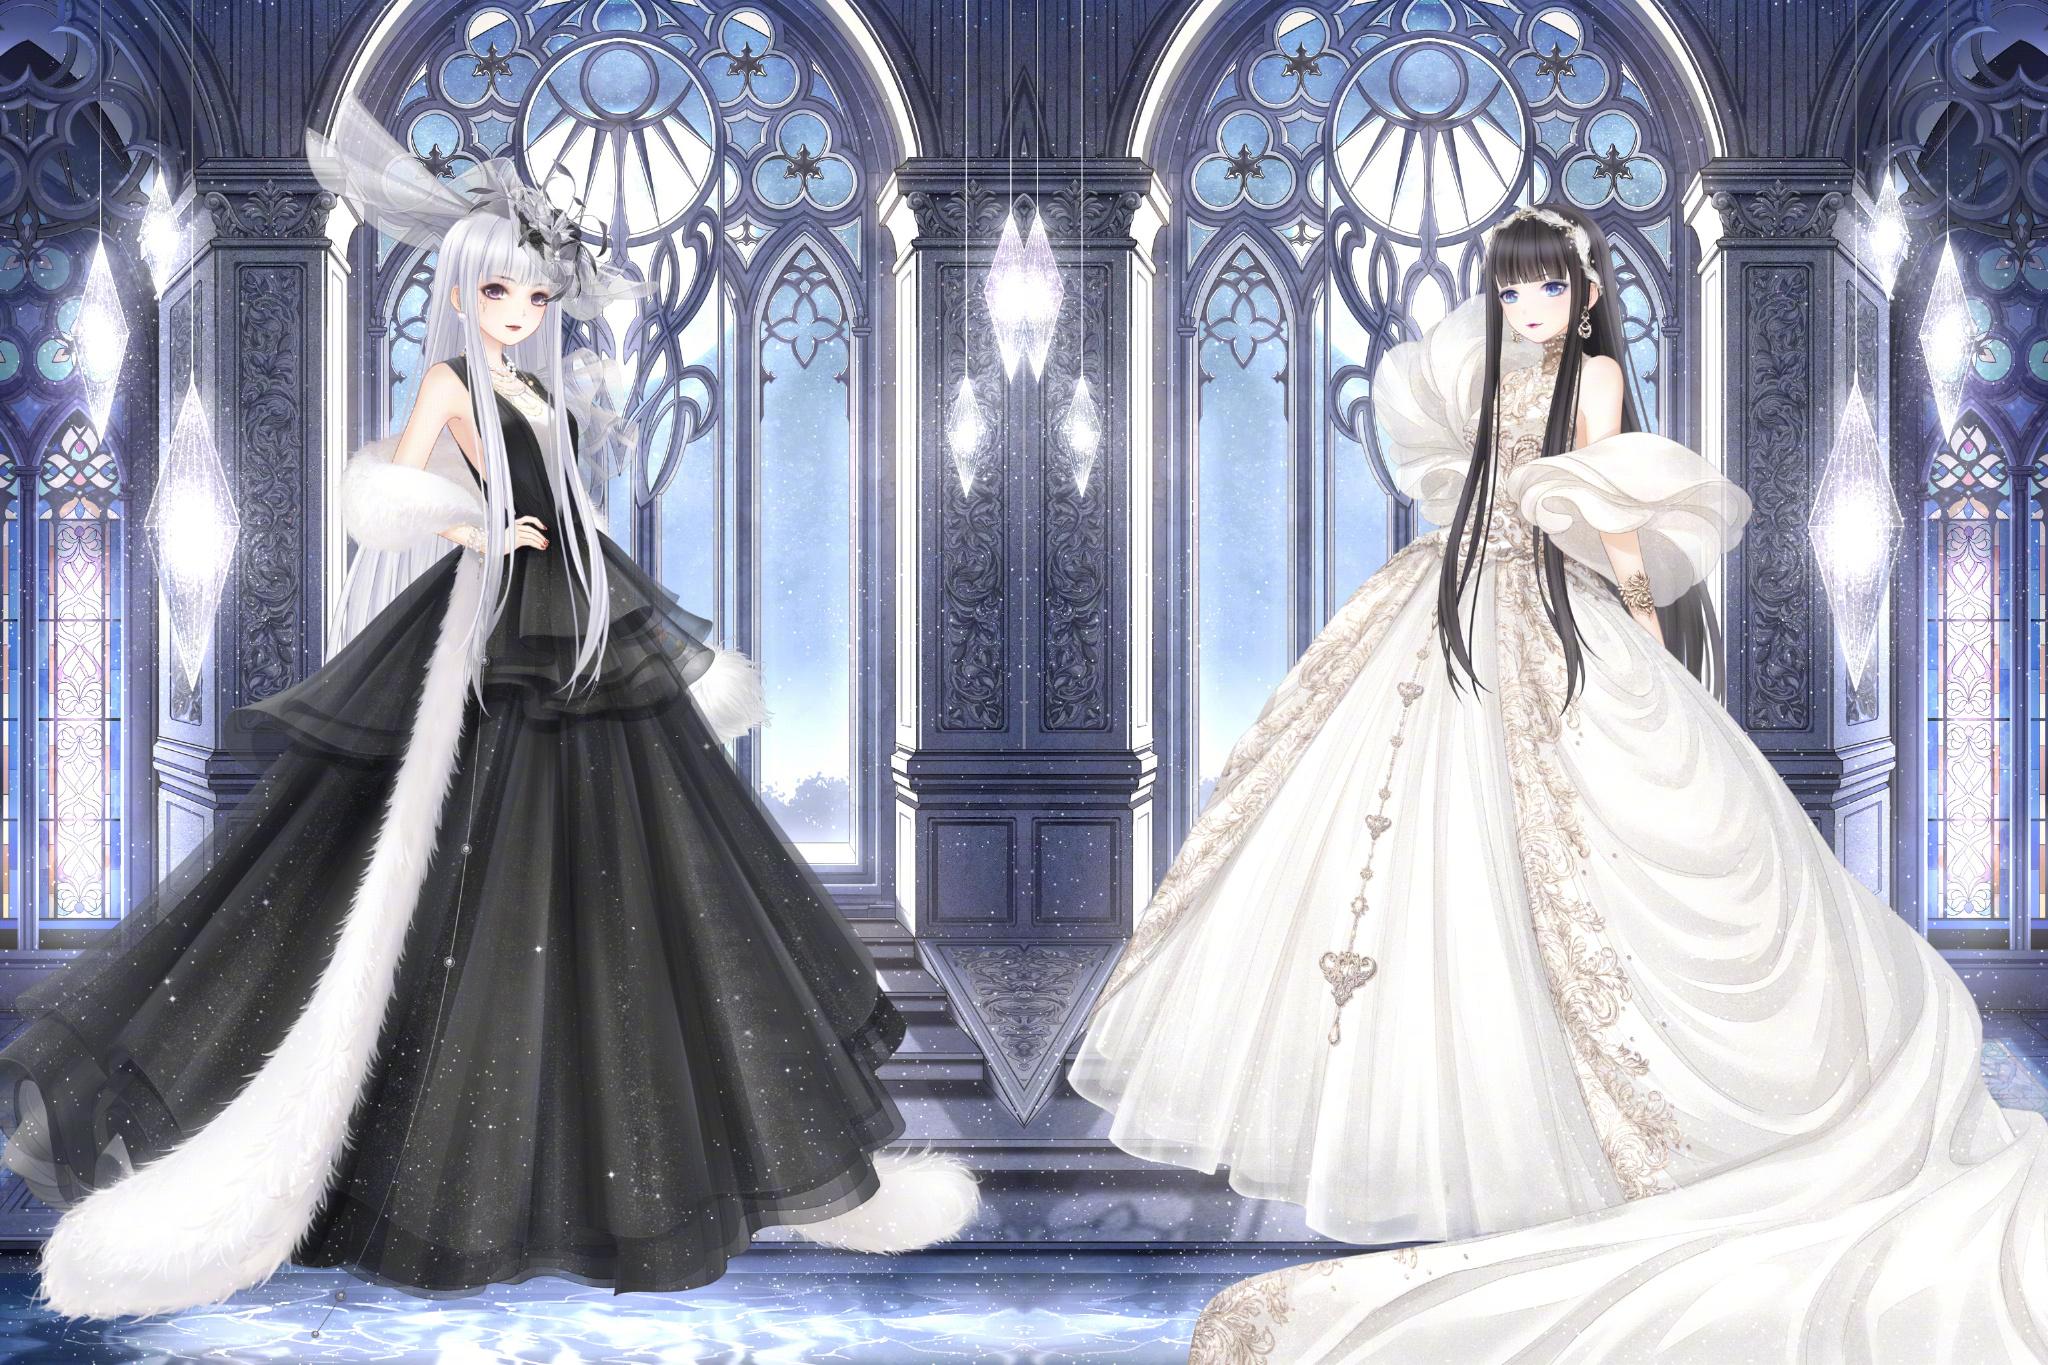 游戏推荐:《奇迹暖暖》女生的公主梦,个人经验攻略为大家奉上